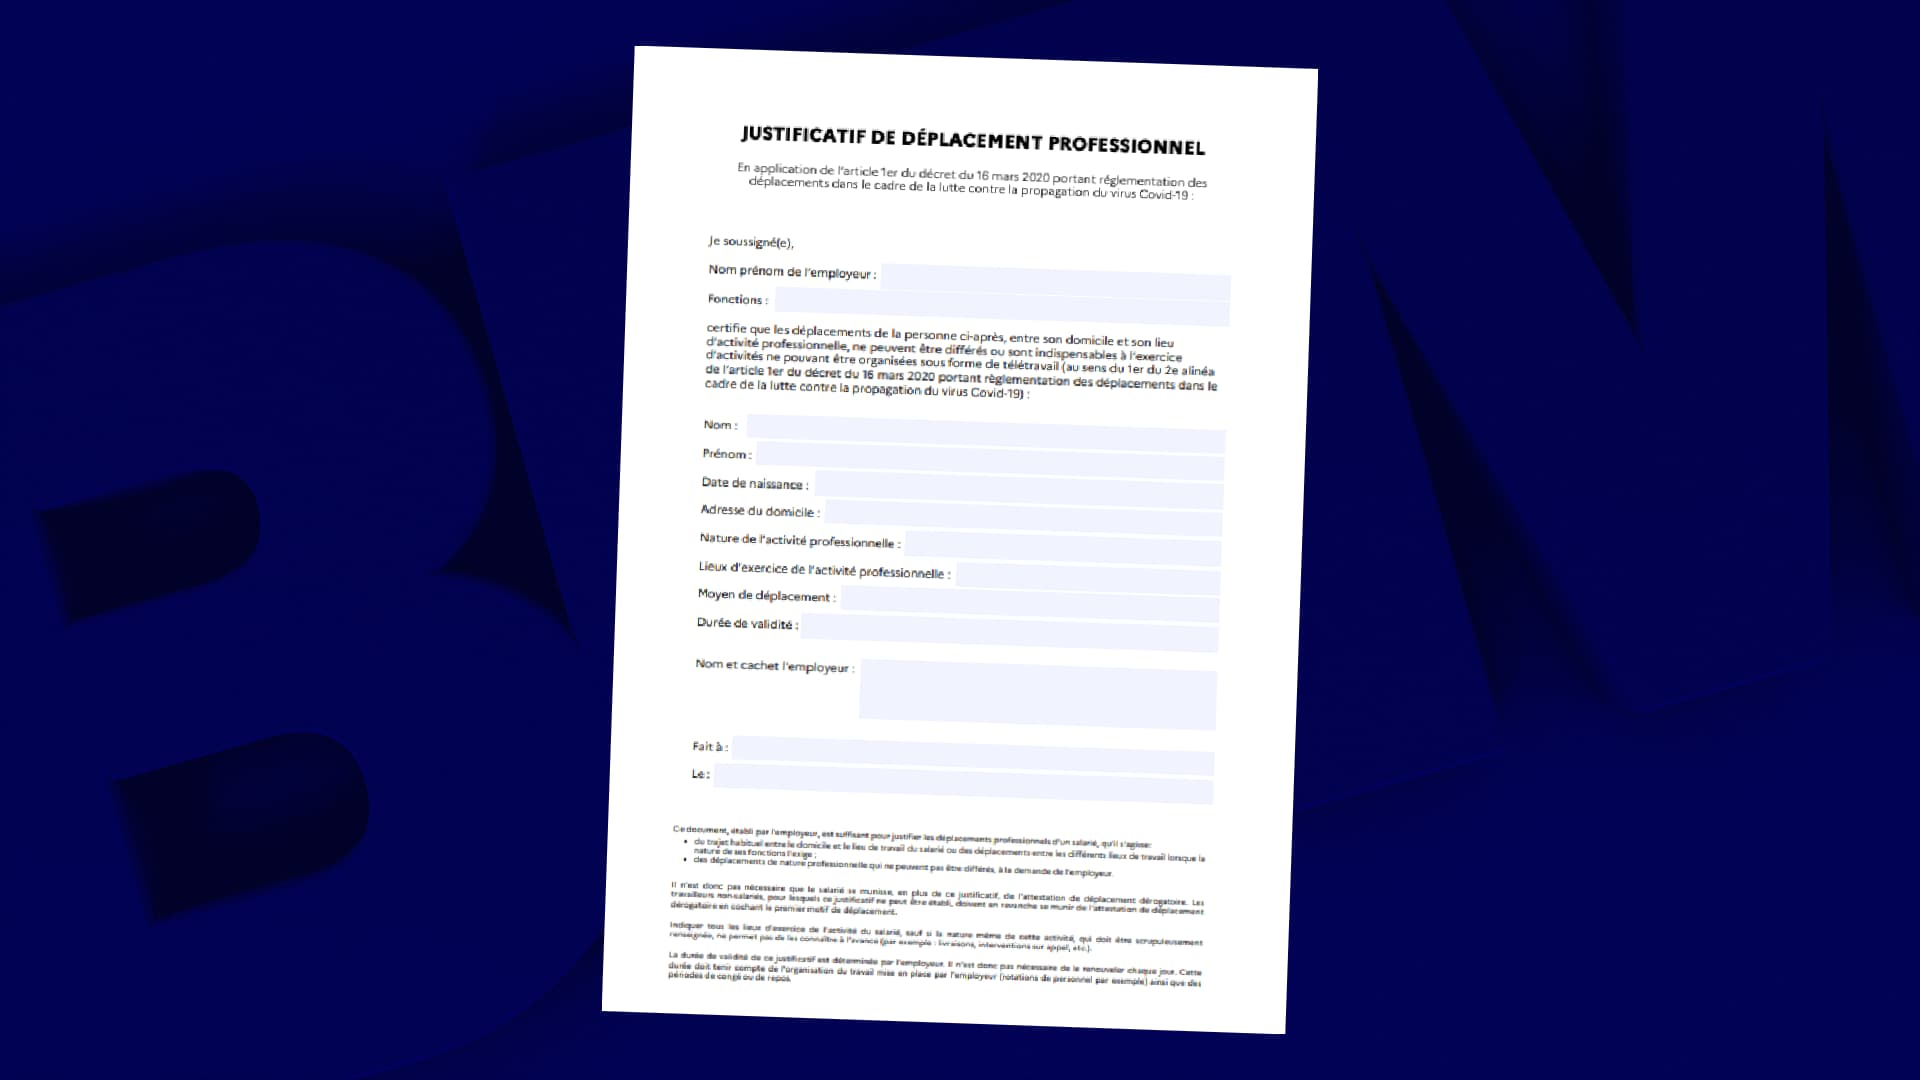 Confinement La Nouvelle Attestation Employeur Suffit Comme Justificatif Aux Salaries En Deplacement